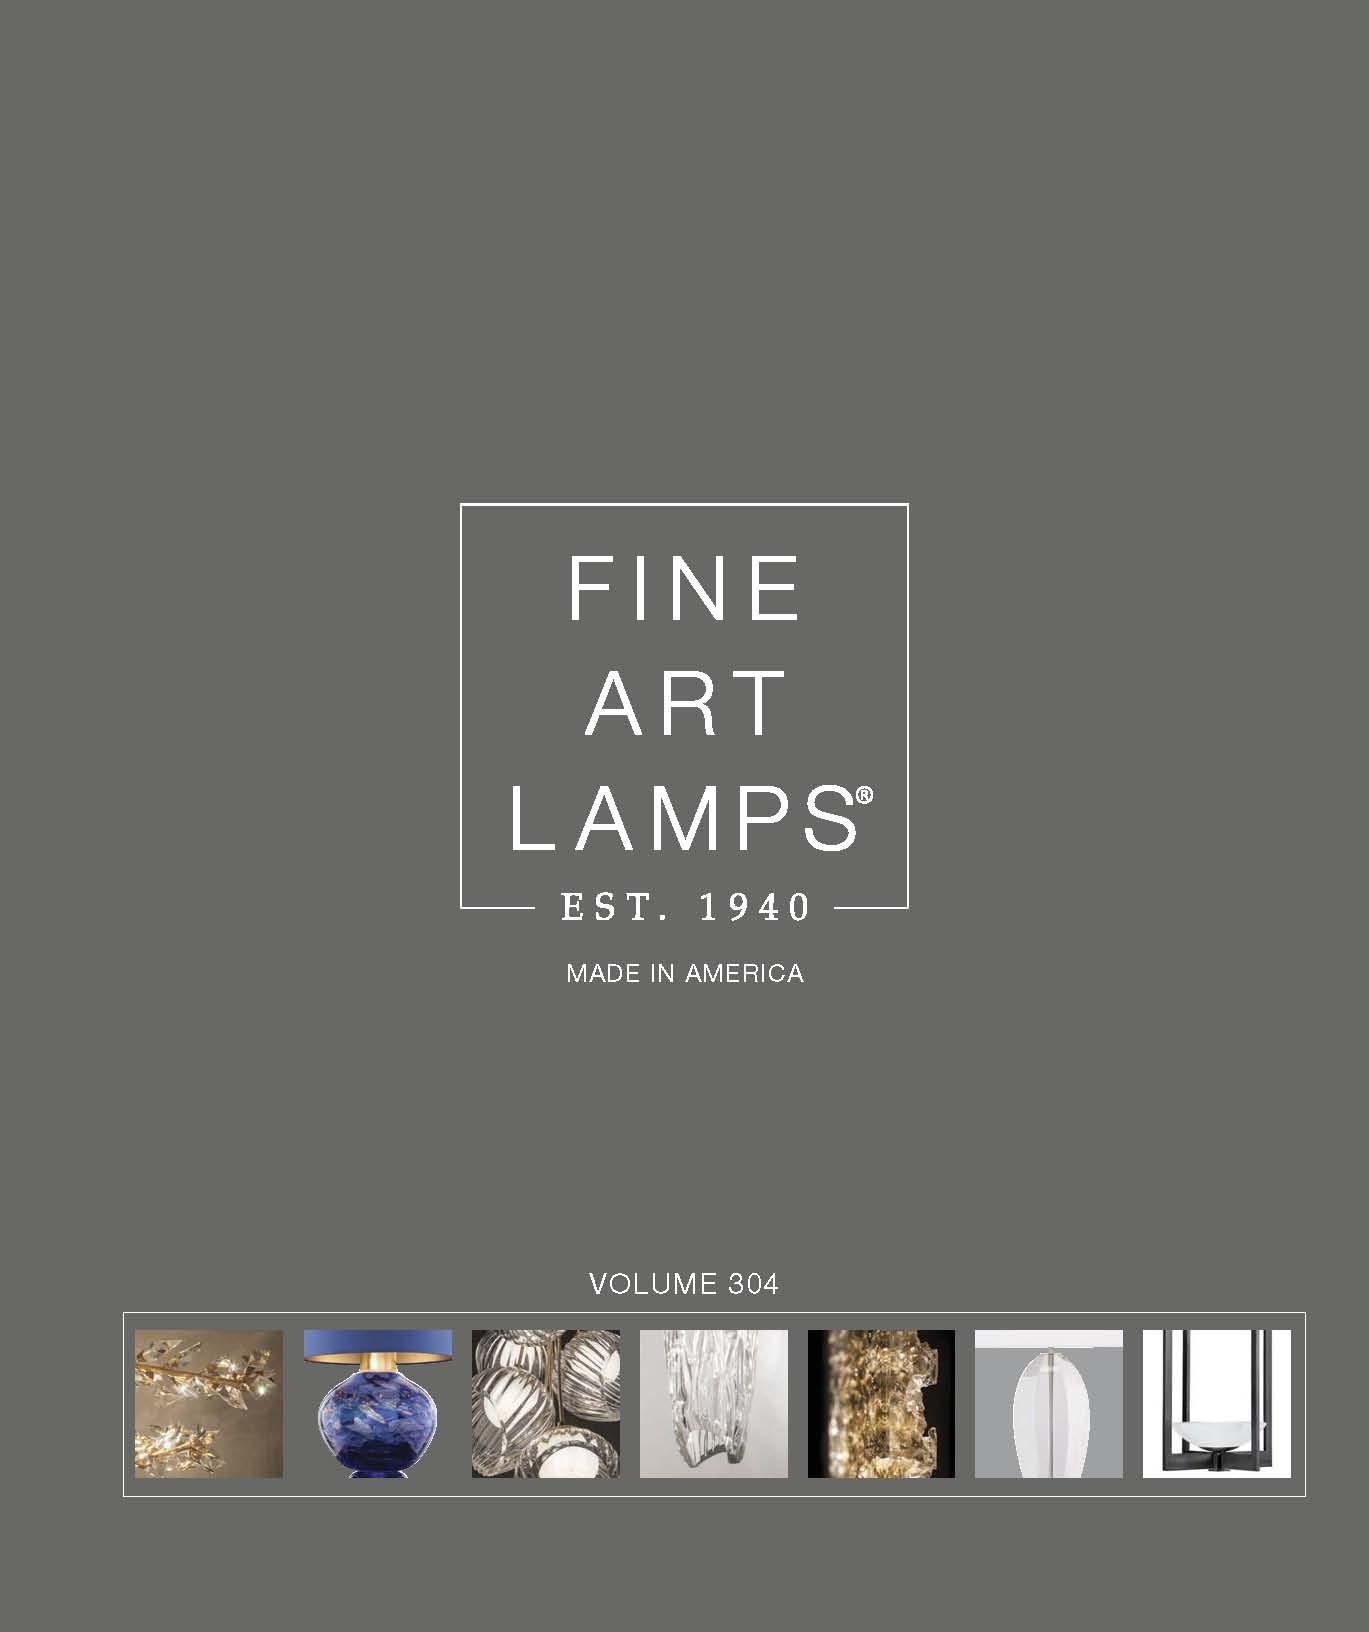 fine art lamps